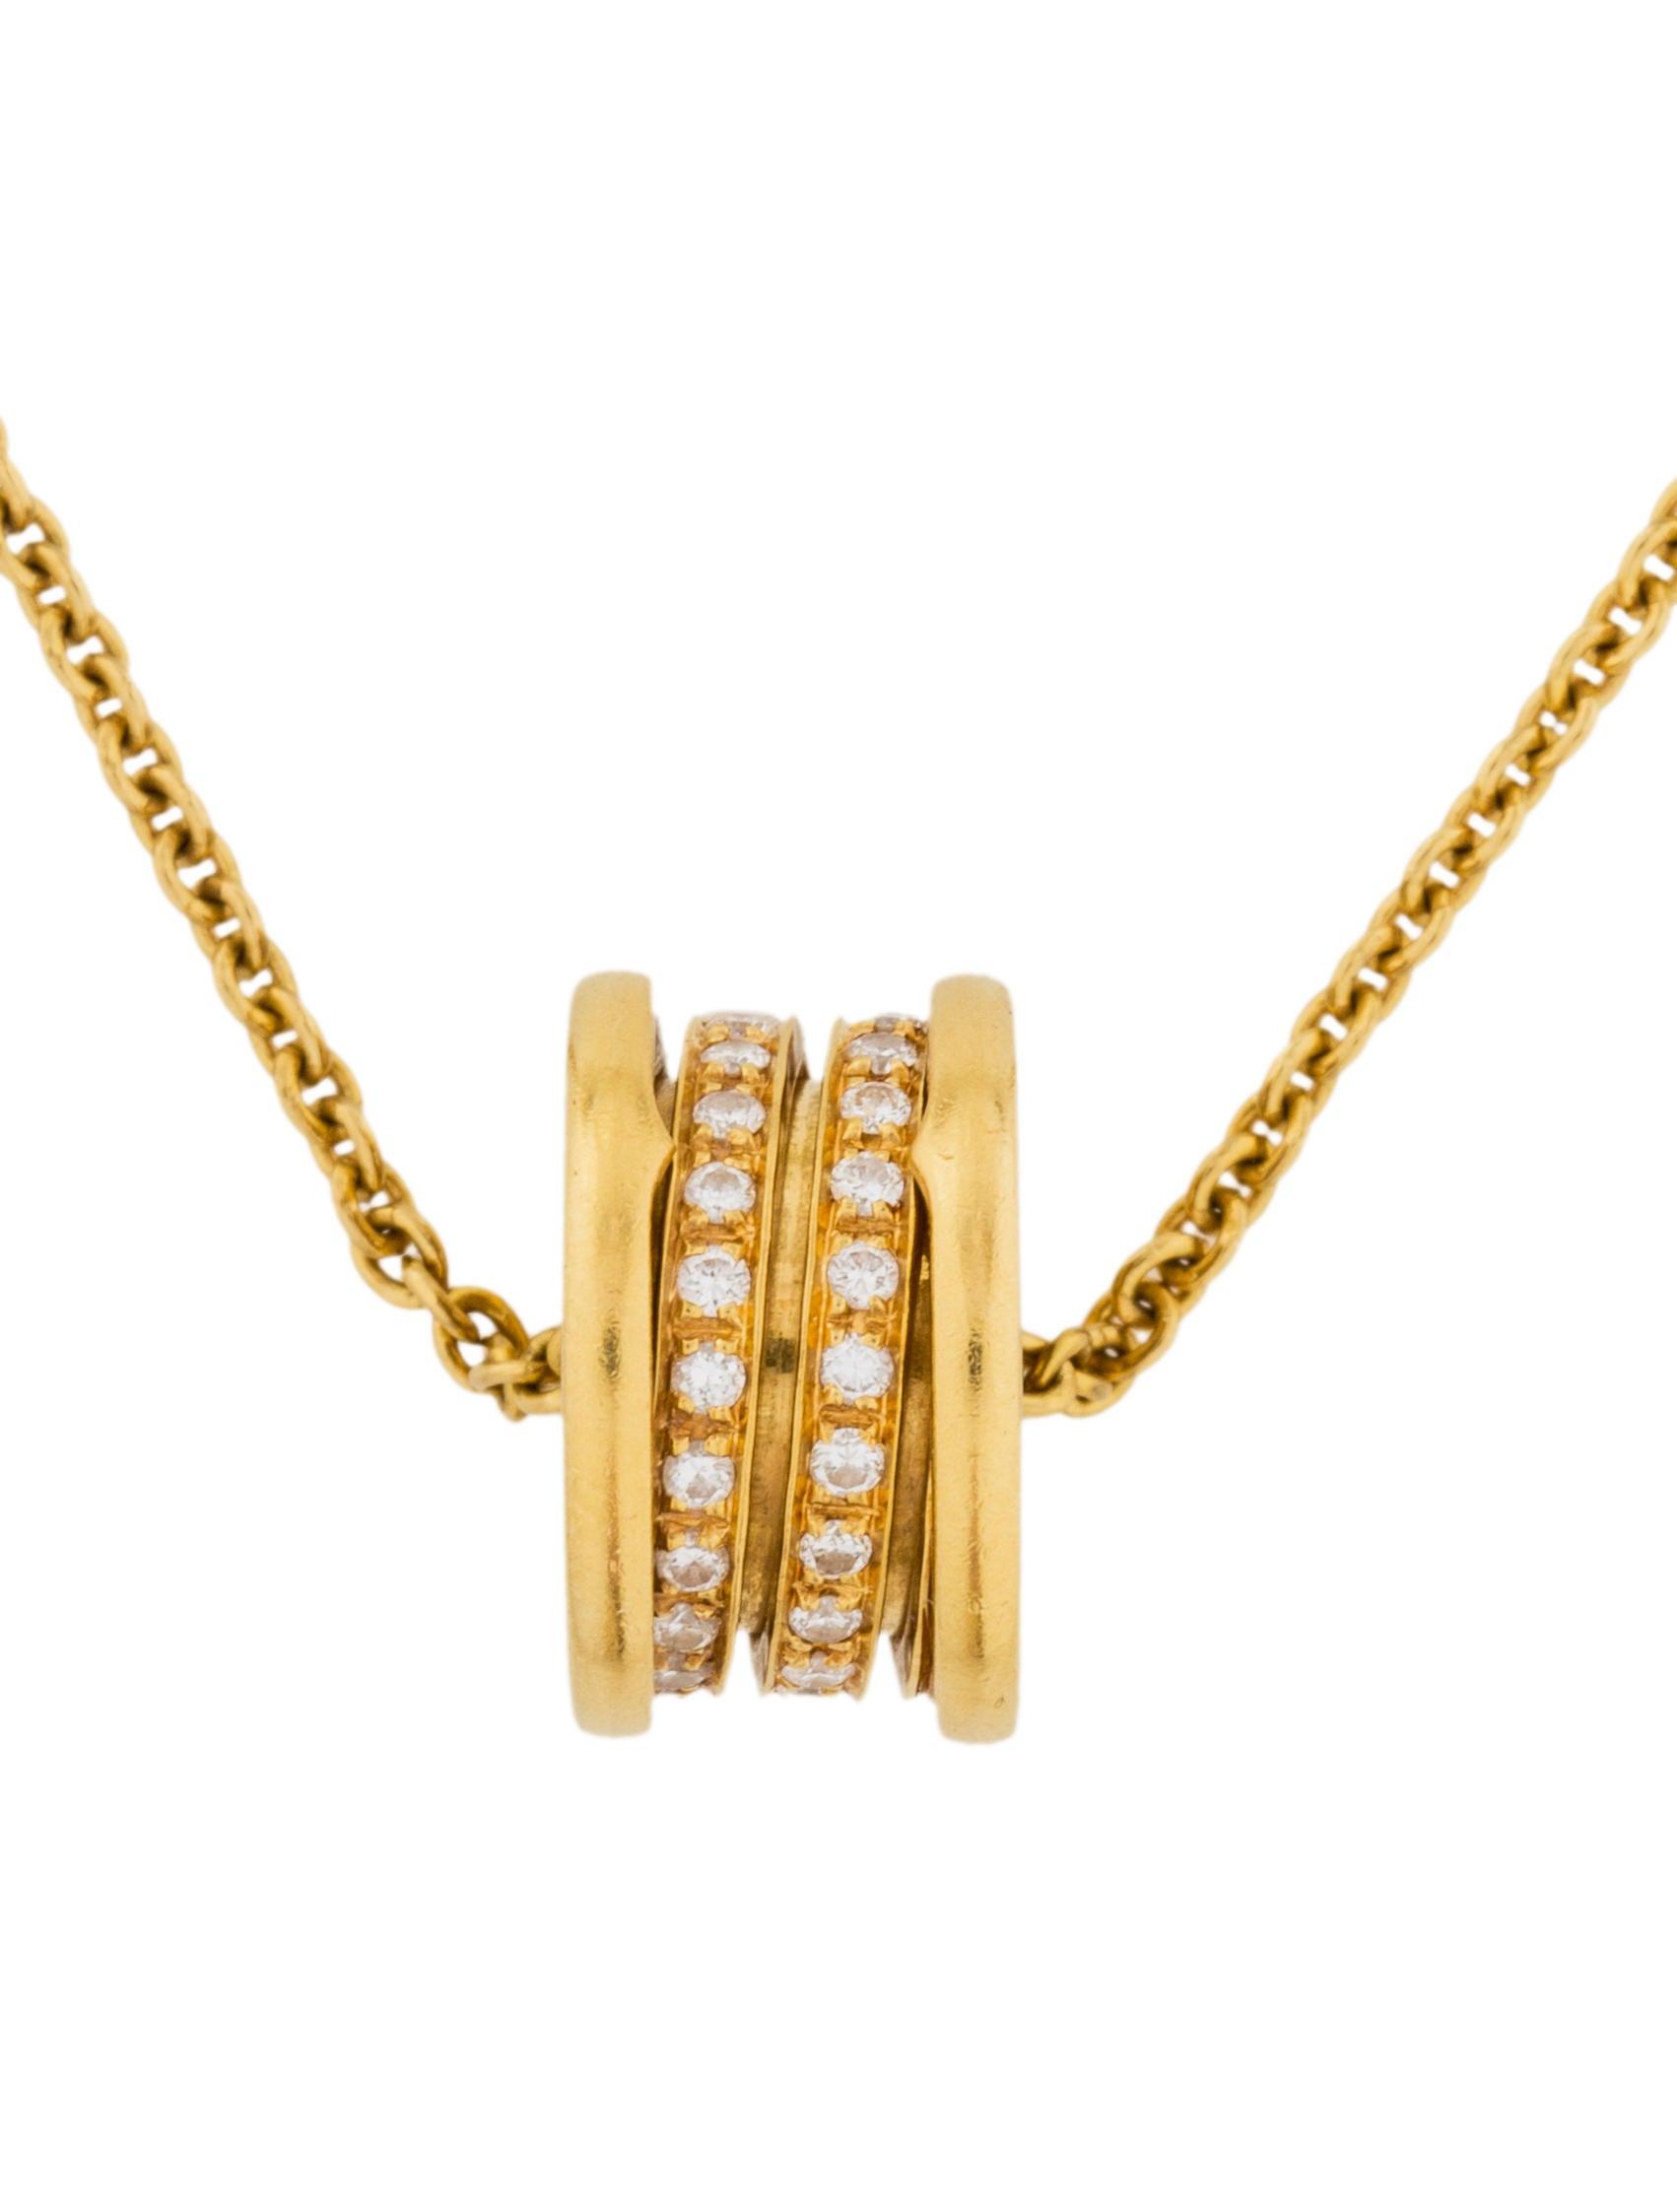 bvlgari 18k b zero1 pendant necklace necklaces